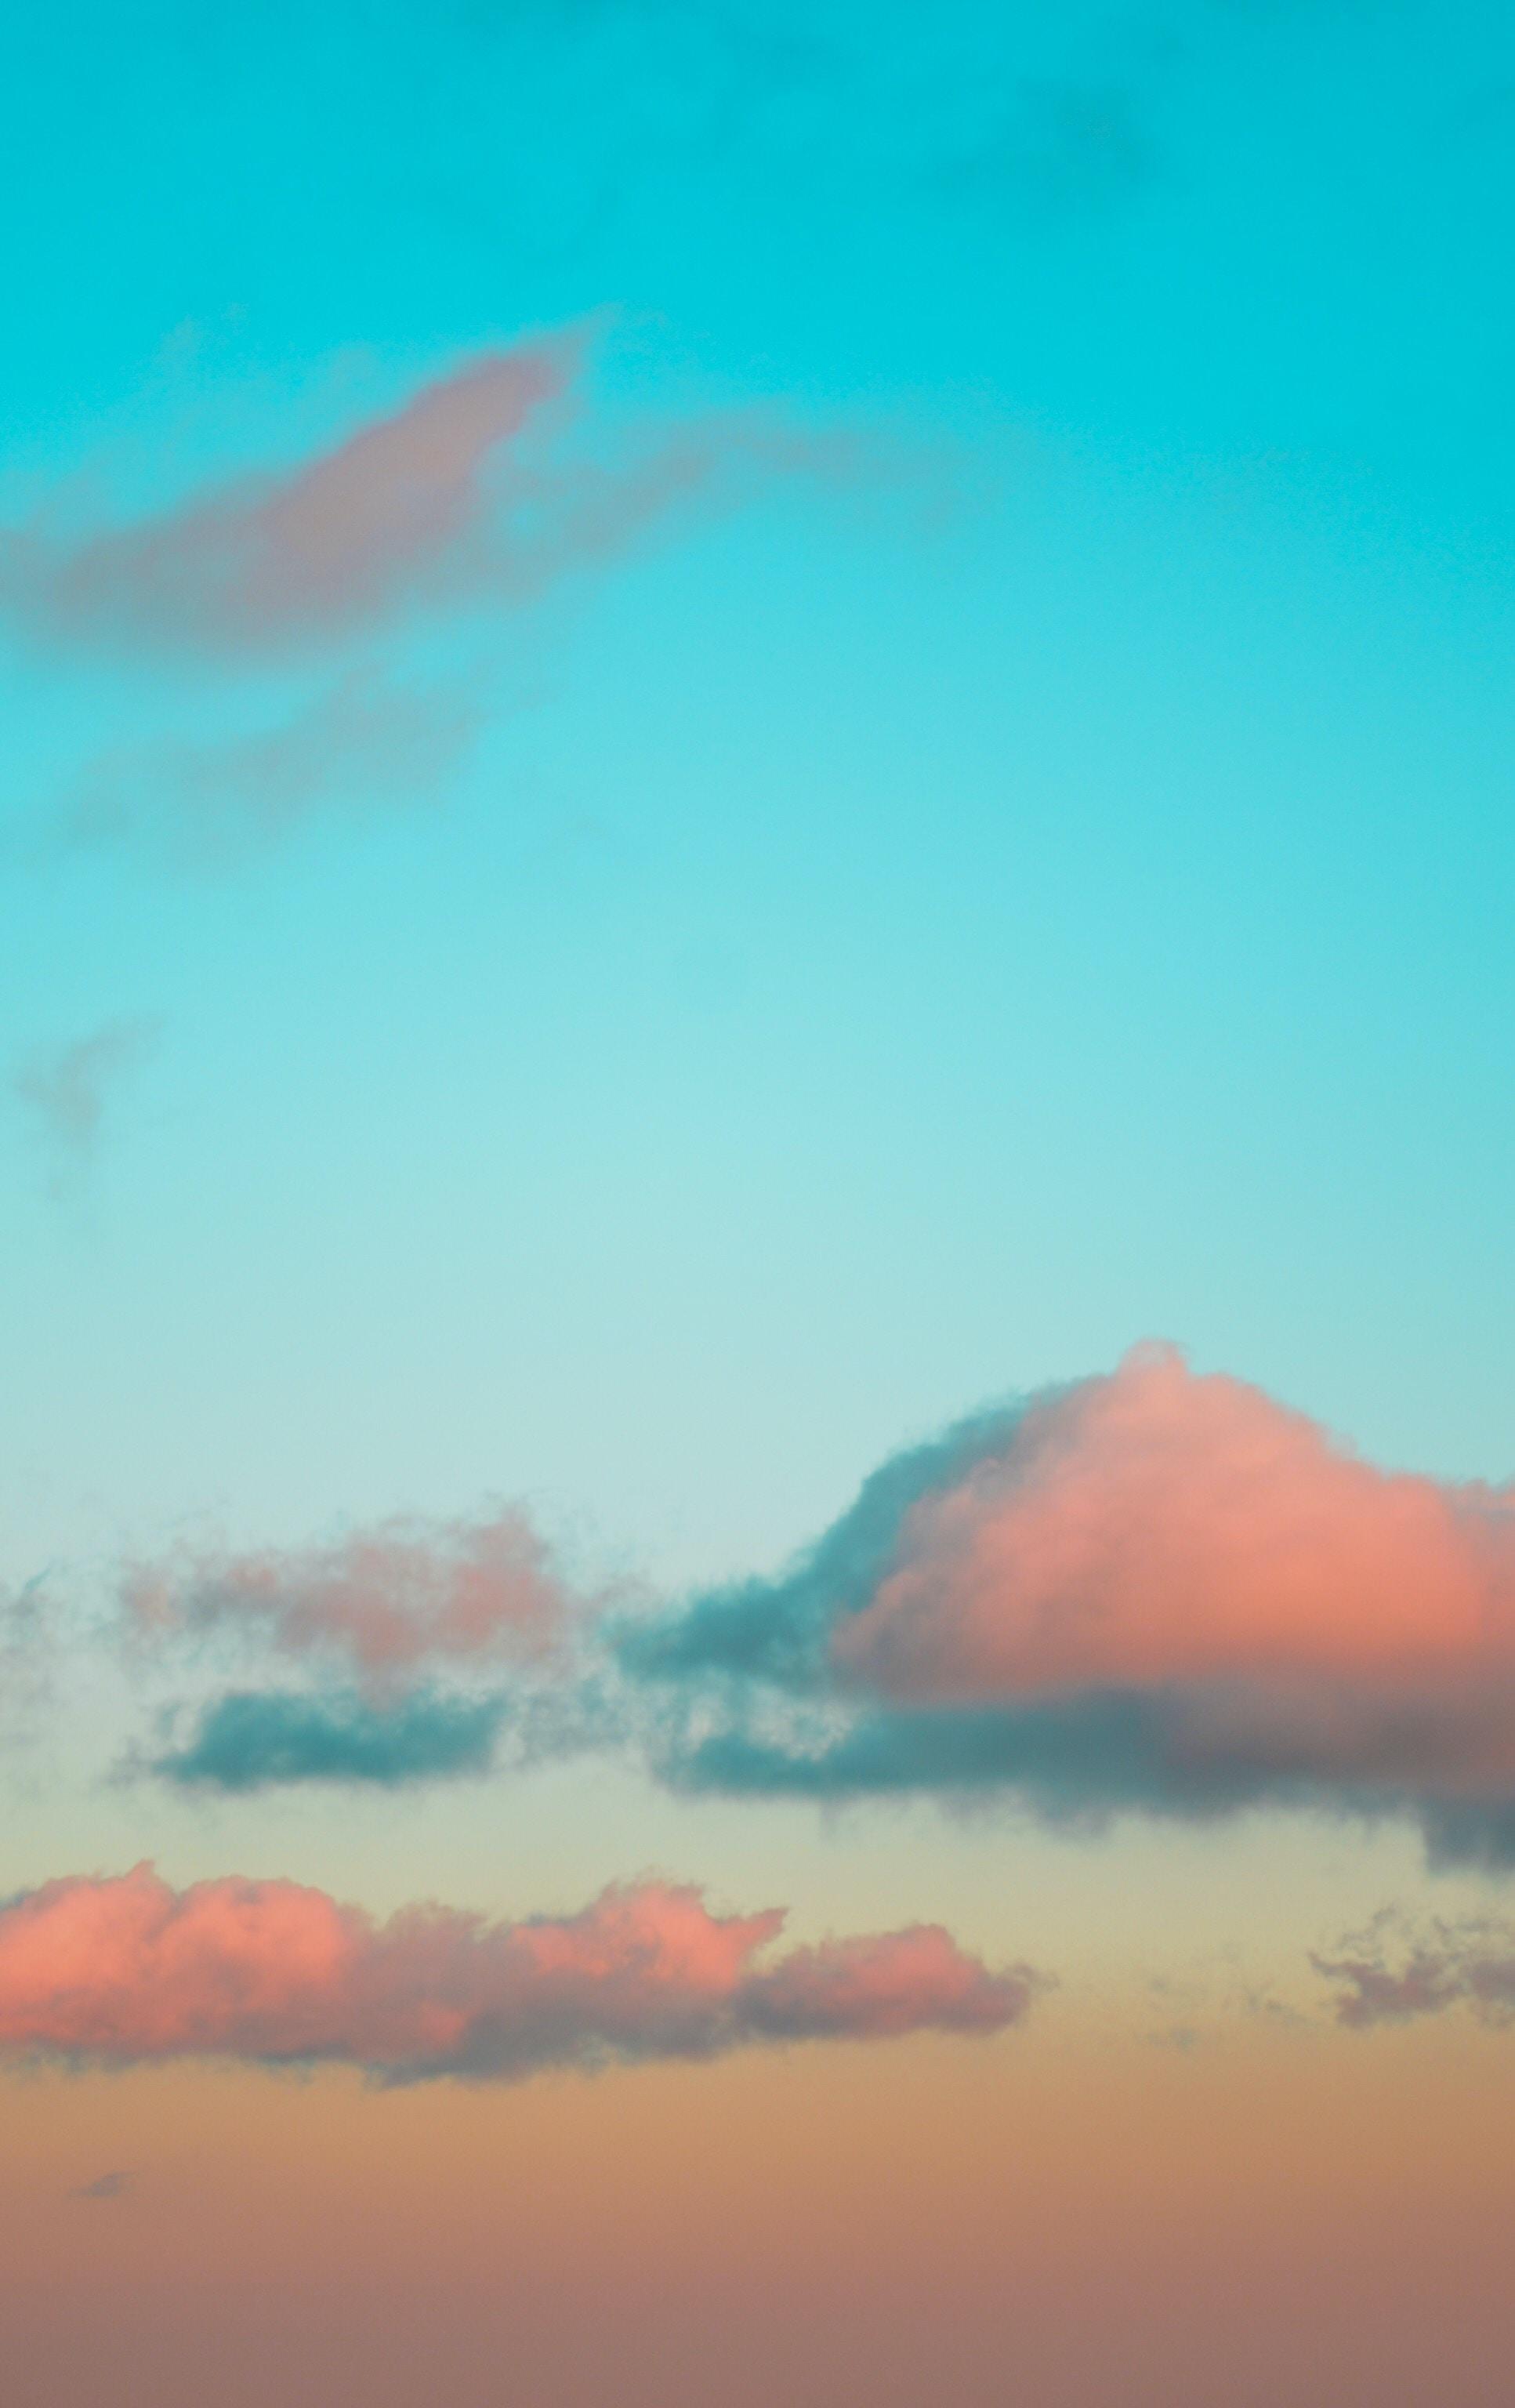 orange clouds during daytime